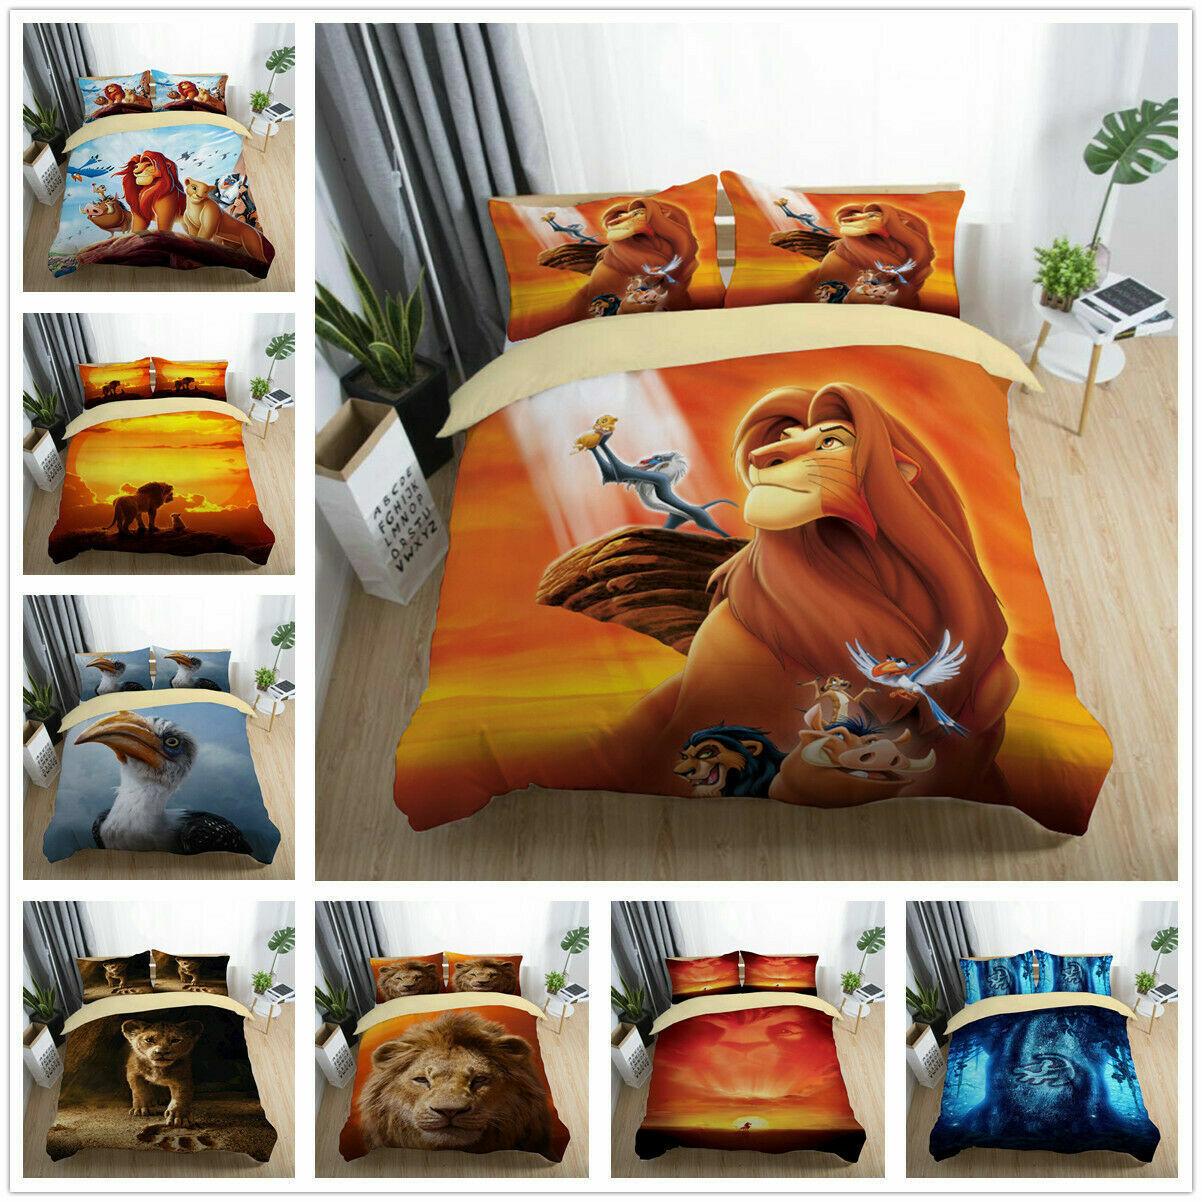 3D Disney The Lion King Bedding Set Duvet Cover Pillow Shams